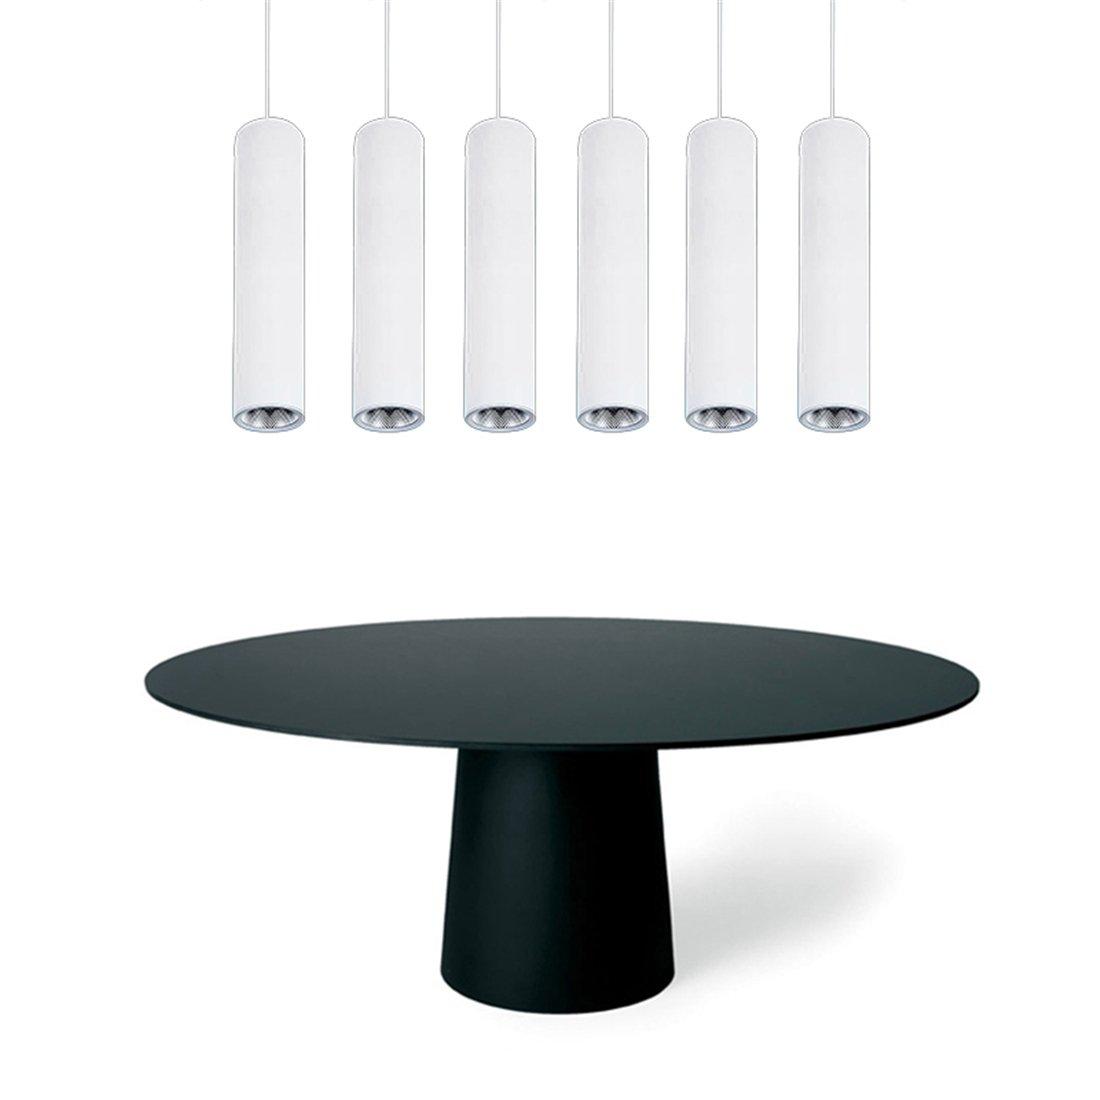 TOOGOO Bianco moderno lampadari di caffe minimalista ristorante a led bianco positivo faretti COB tubo lungo lampada a sospensione tavolo bar lampadario montato cilindrico